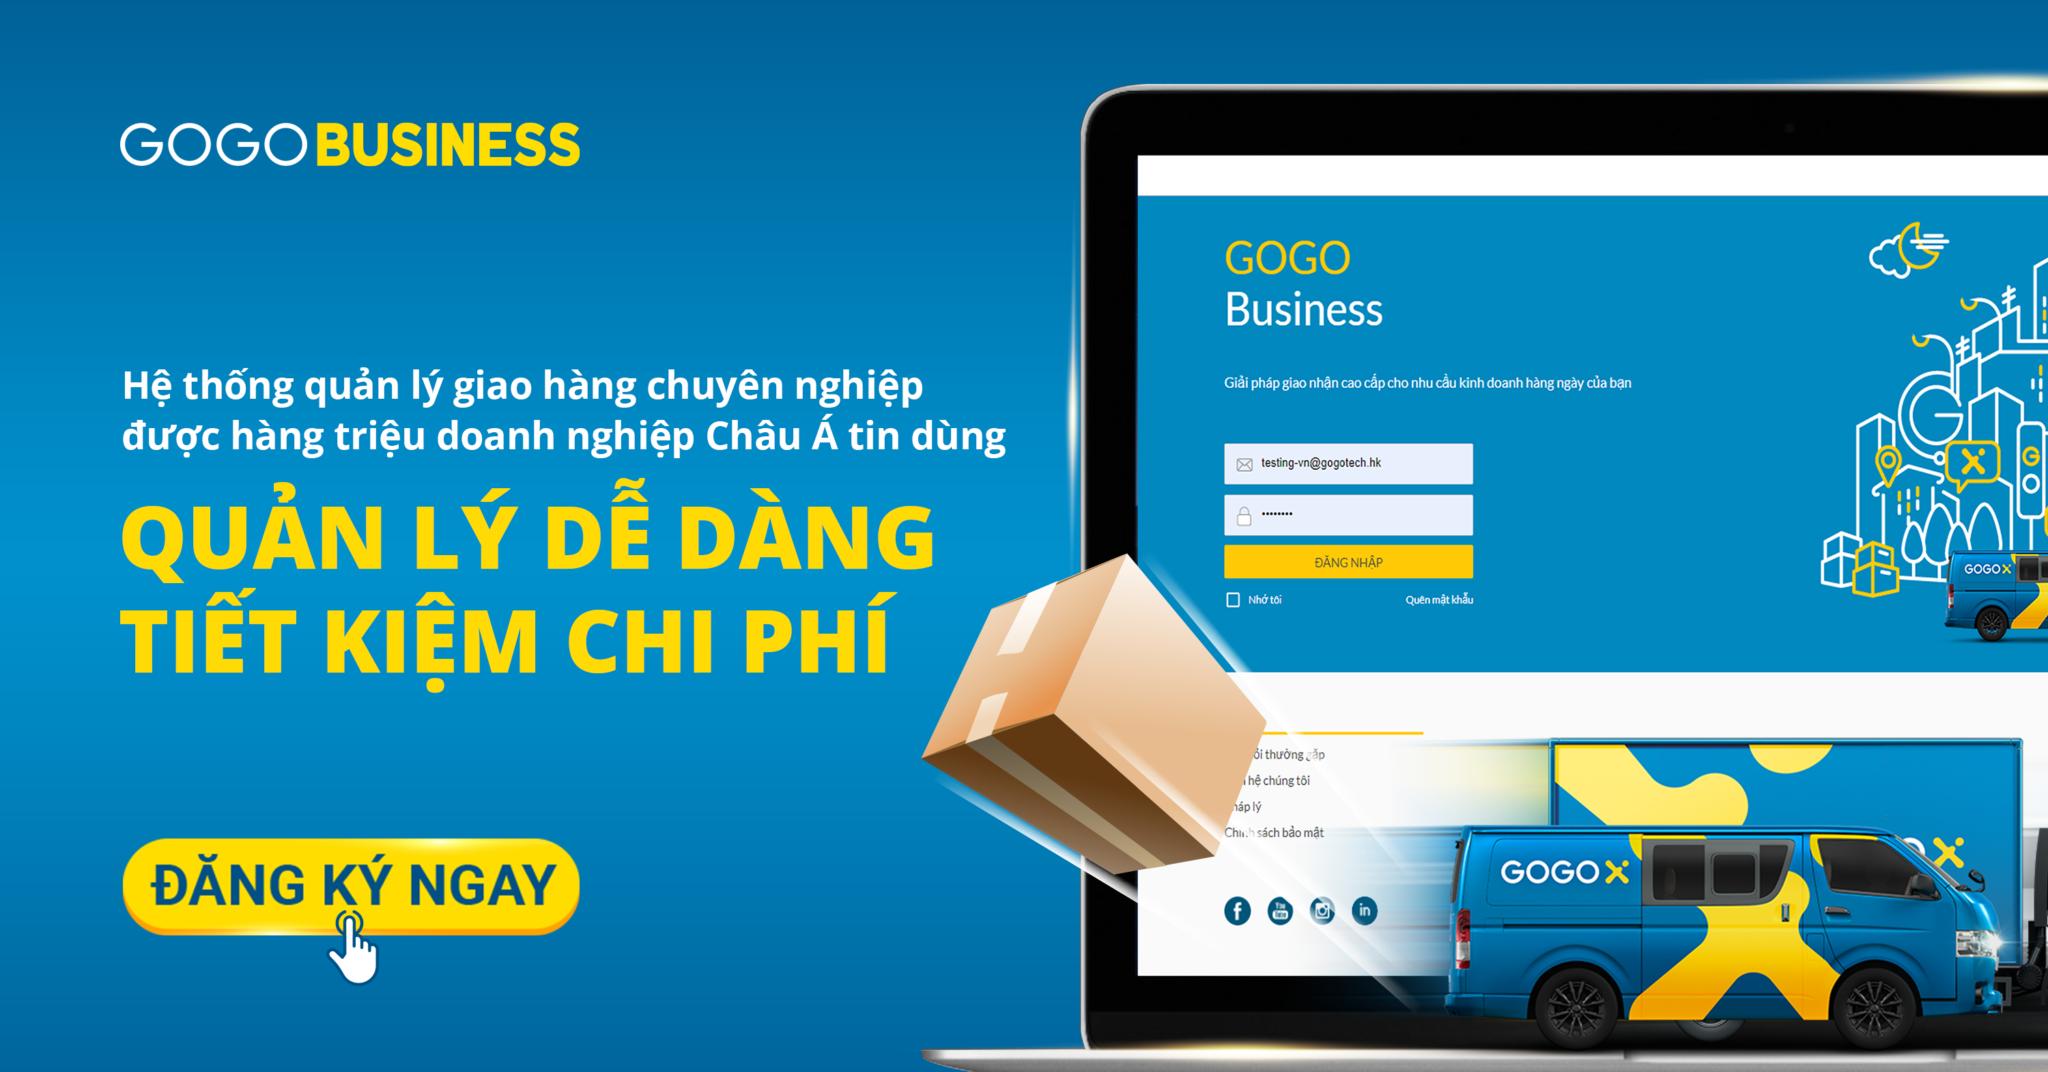 Dịch vụ vận chuyển hàng hóa cho doanh nghiệp